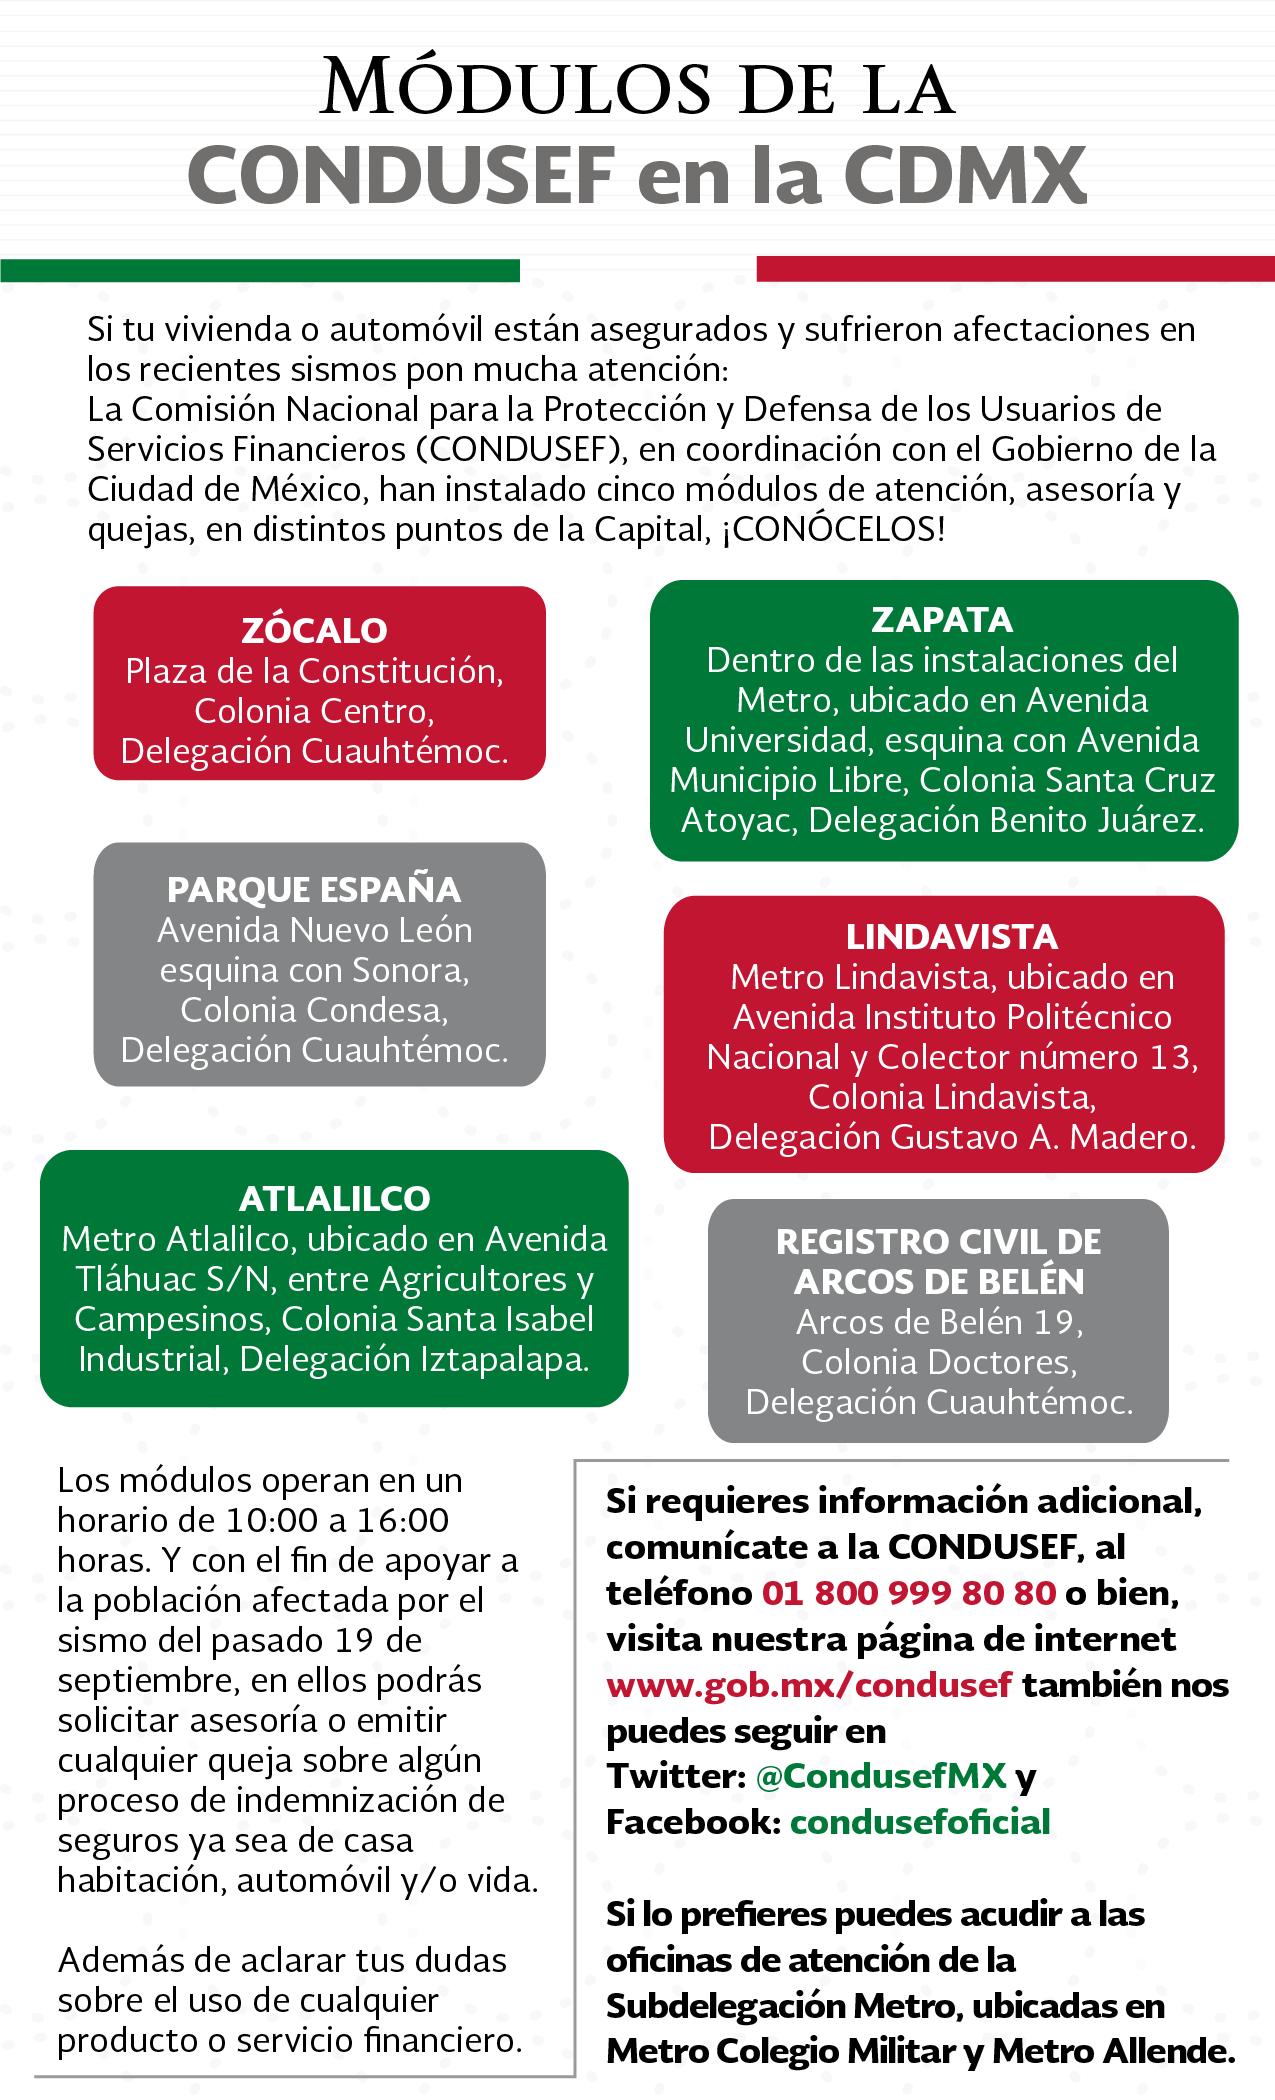 Módulos de la CONDUSEF en la CDMX